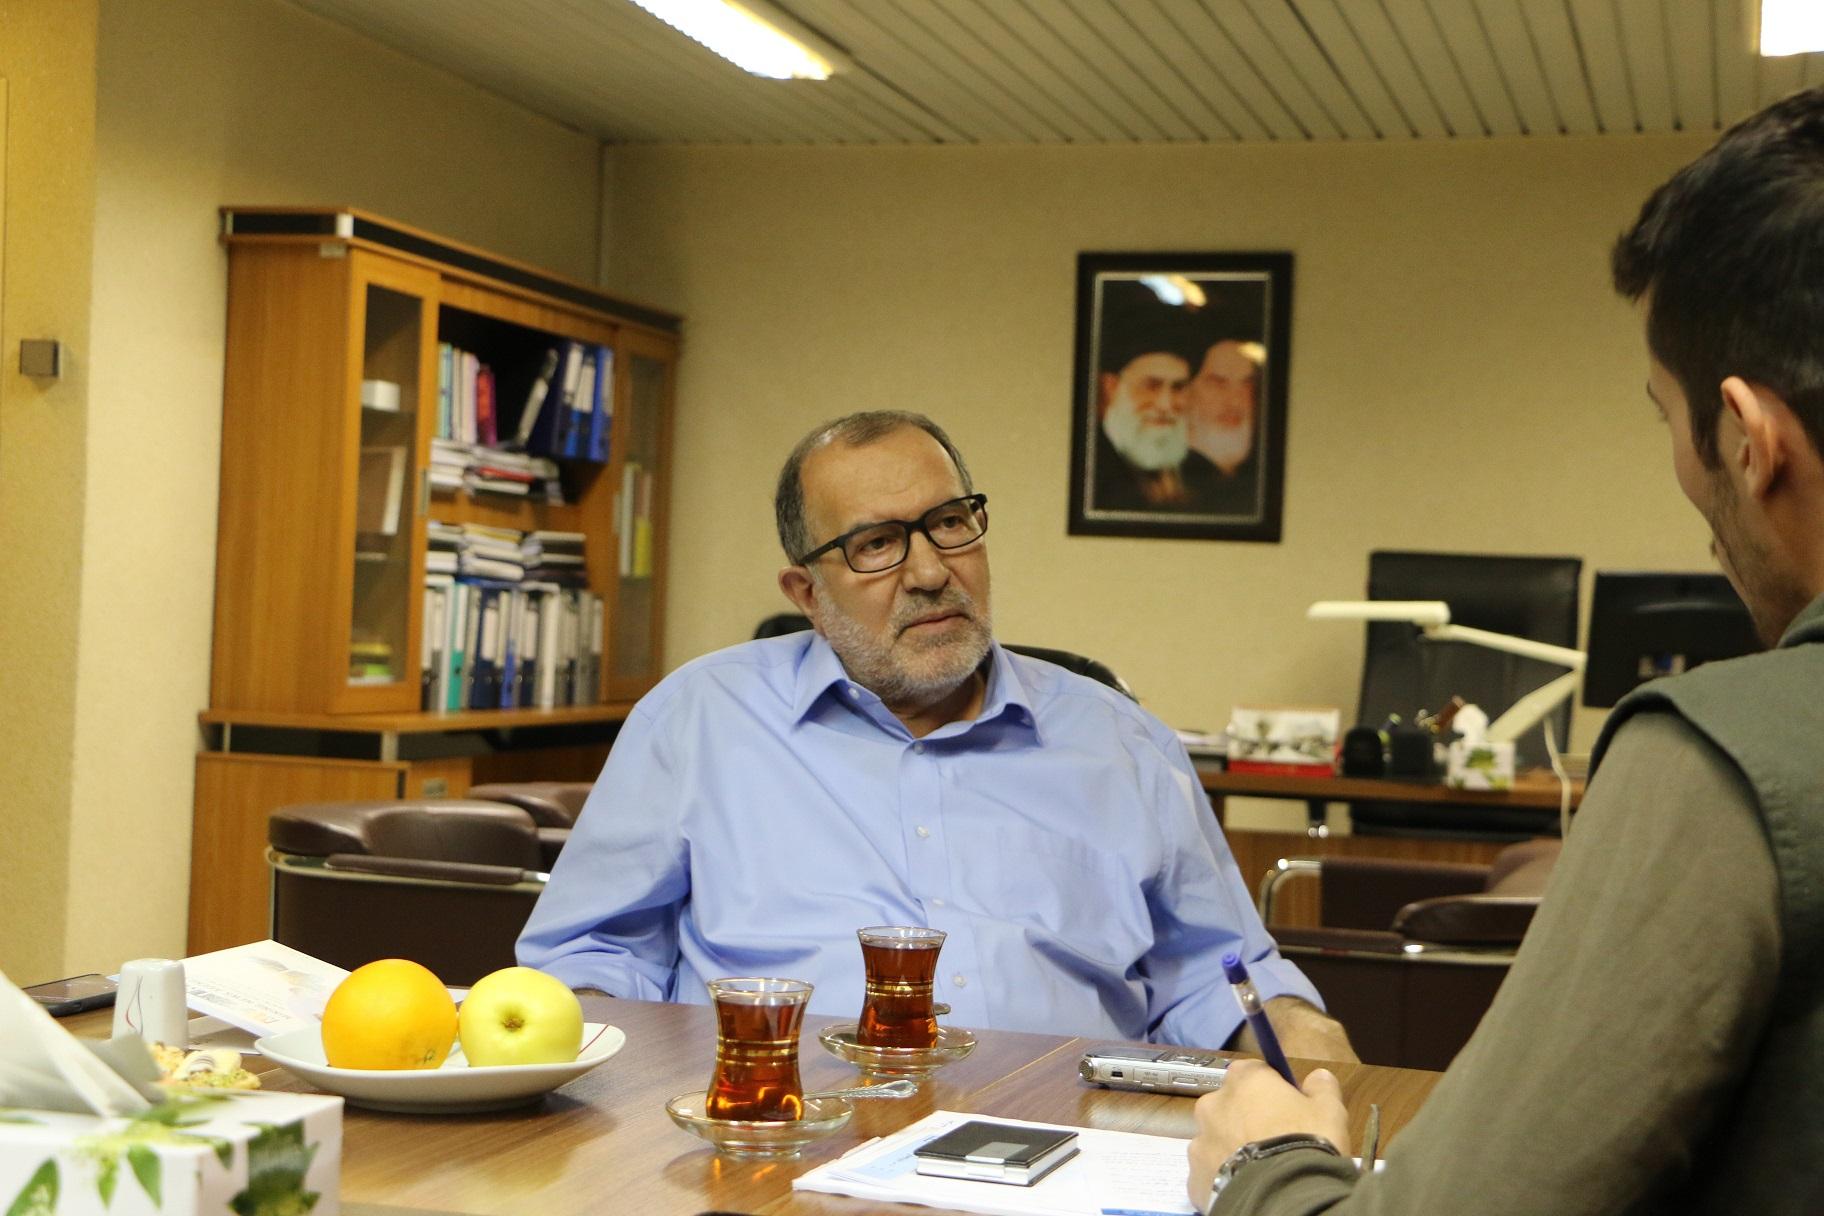 اربیل دروازه حراج آلومینیوم ایران / 60 درصد ماشین آلات ایرالکو فرسوده است